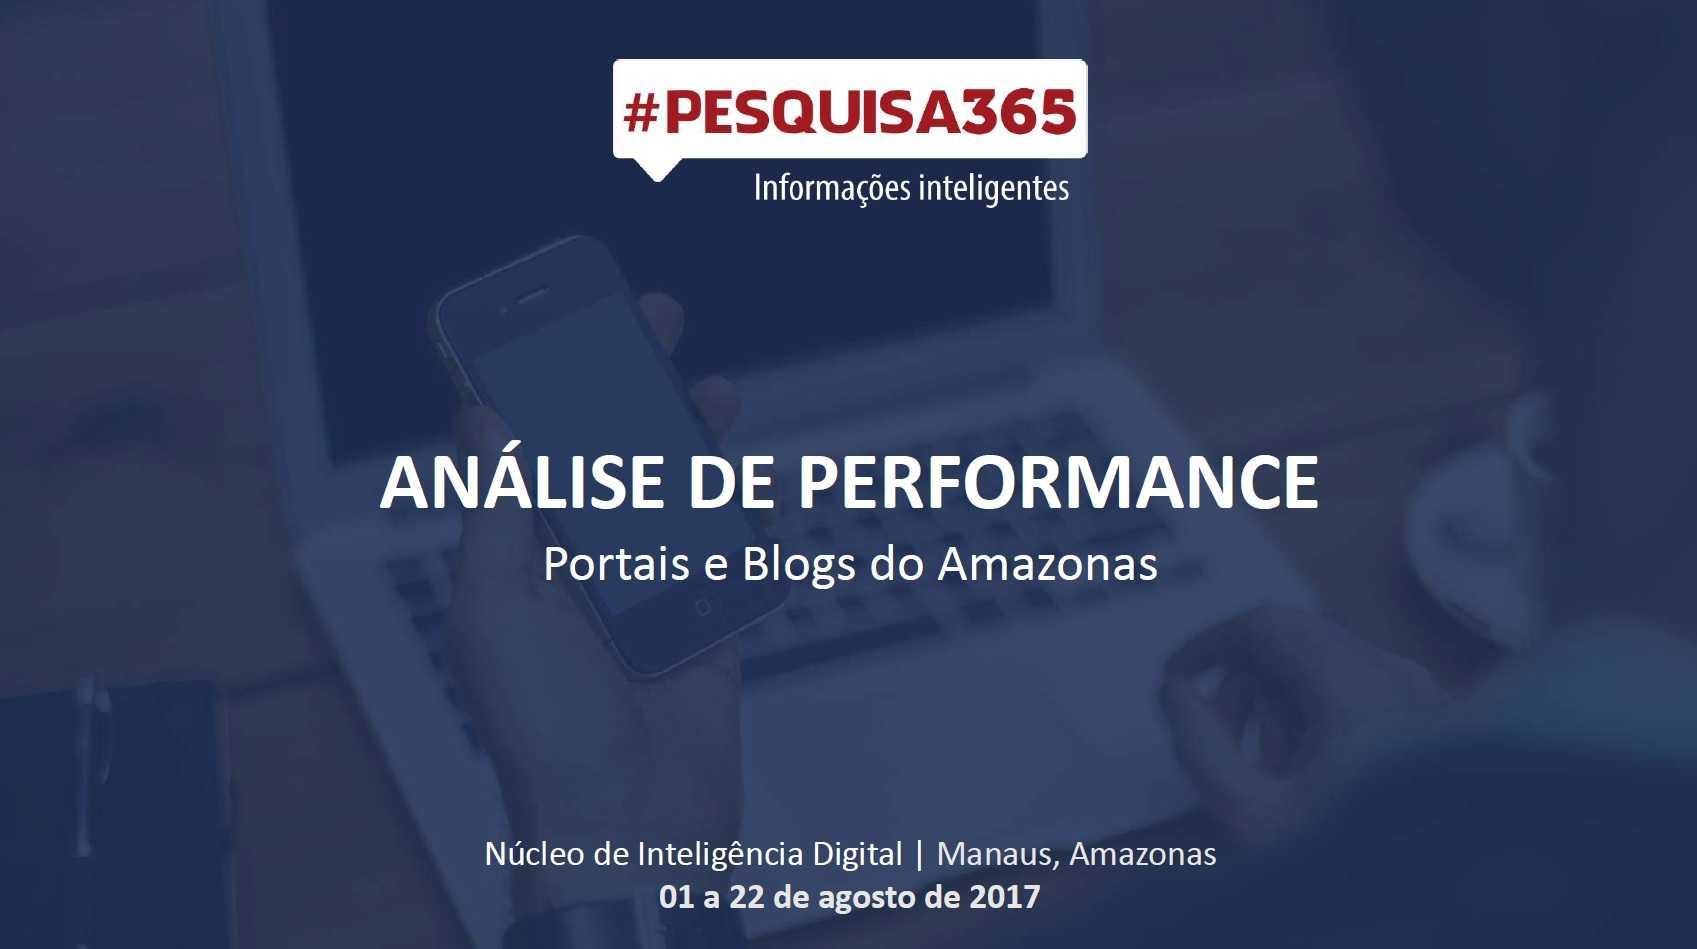 Análise de Performance: Portais e Blogs do Amazonas / Fonte : #Pesquisa365